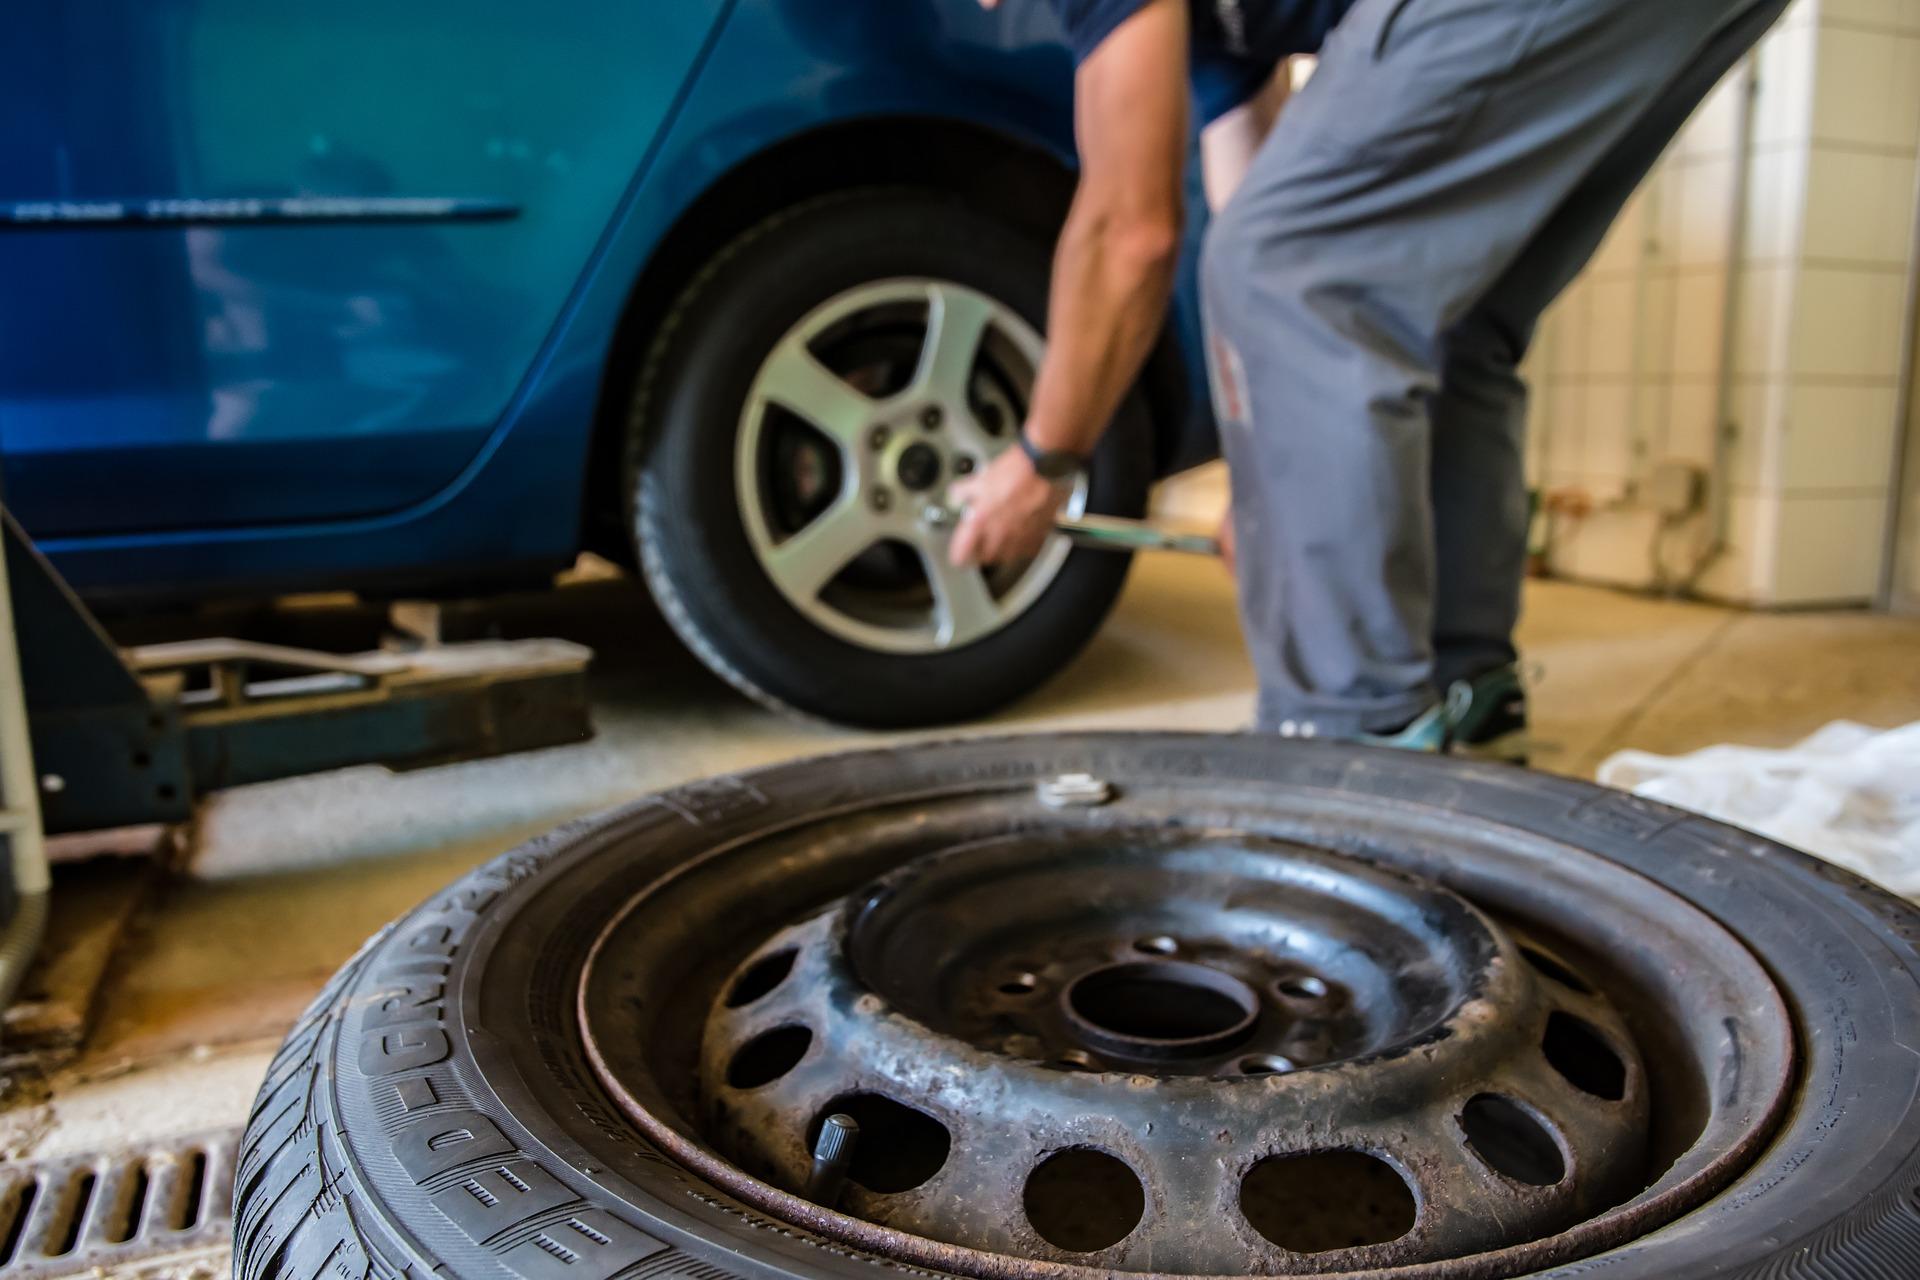 アメリカでタイヤがパンクした時の解決策【交換と修理の金額比較】